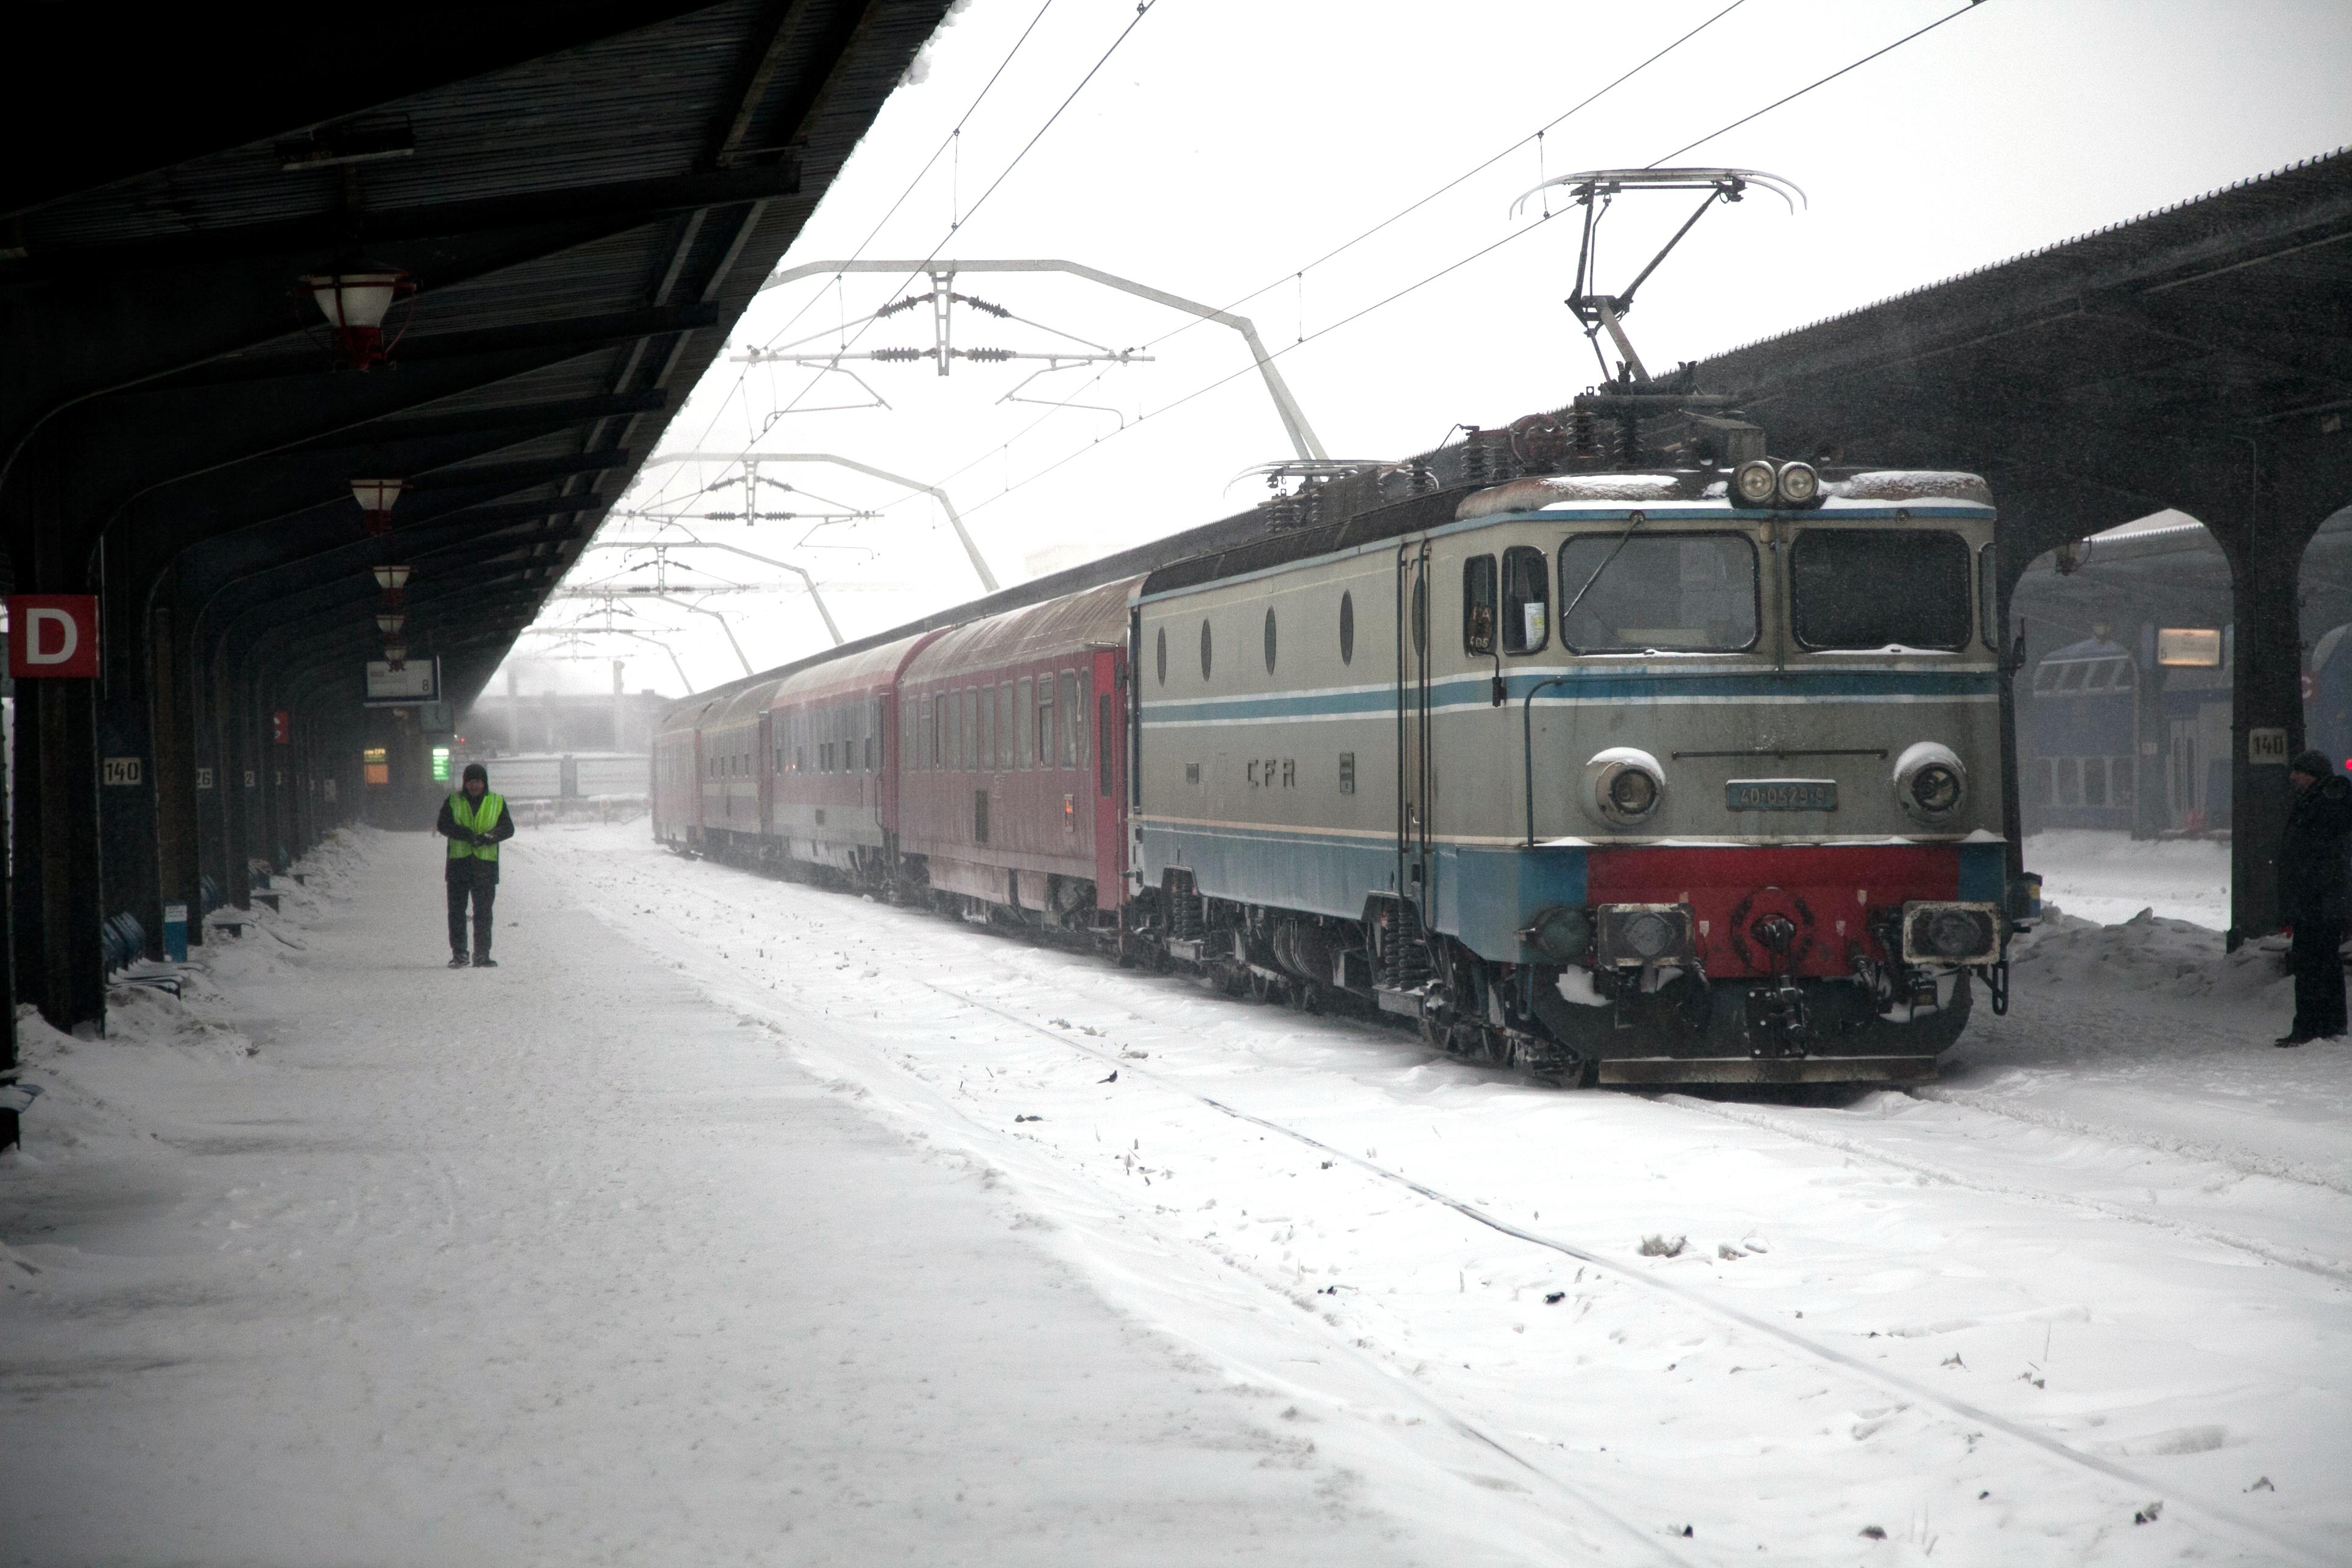 Întârzieri de 370 de minute la trenurile ce trebuie să ajungă în Gara de Nord. Pasagerii pot solicita returnarea banilor pentru cursele anulate.